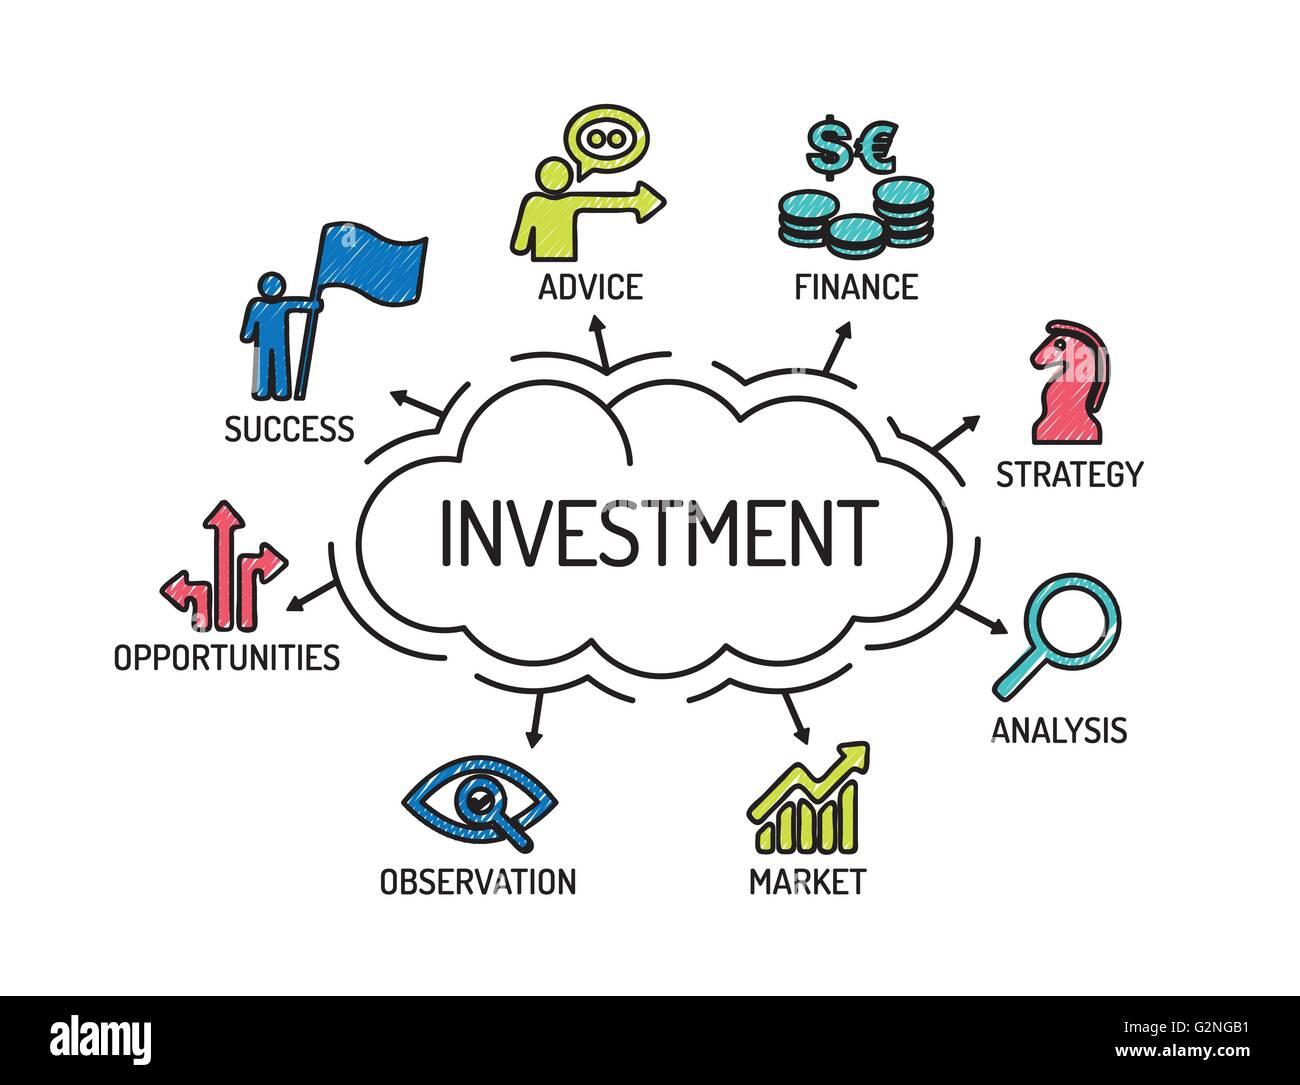 La inversión. Gráfico con iconos y palabras clave. Sketch Imagen De Stock